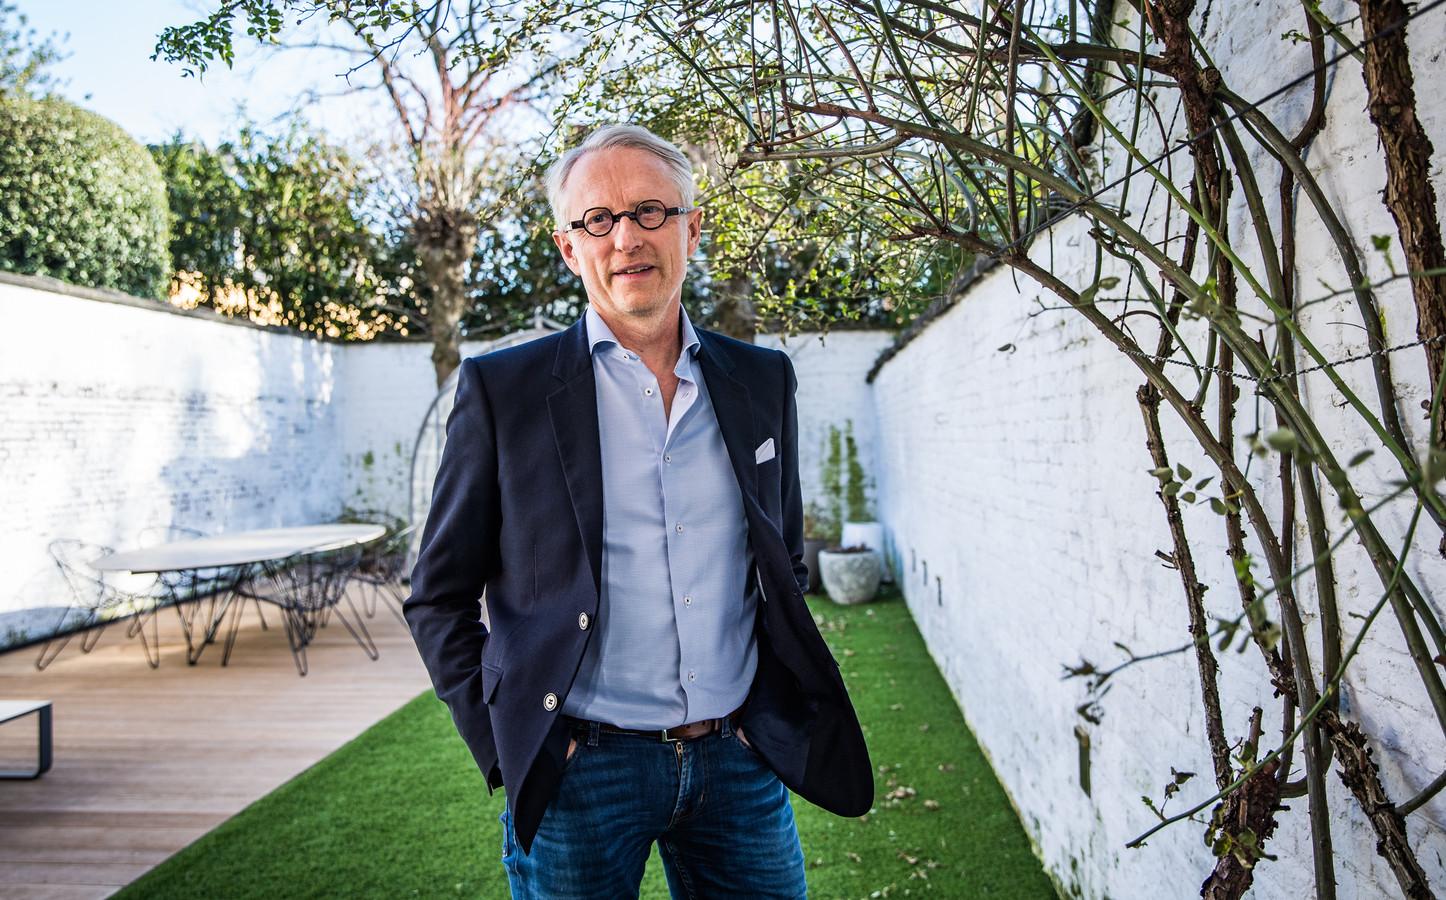 """Thierry Geerts, directeur van Google België en Luxemburg: """"We zullen in de toekomst nog steeds naar de supermarkt gaan om ons te laten inspireren voor wat we vanavond willen eten, maar dezelfde flessen water die we iedere week opnieuw nodig hebben, laten we wel gewoon aan huis leveren. """""""